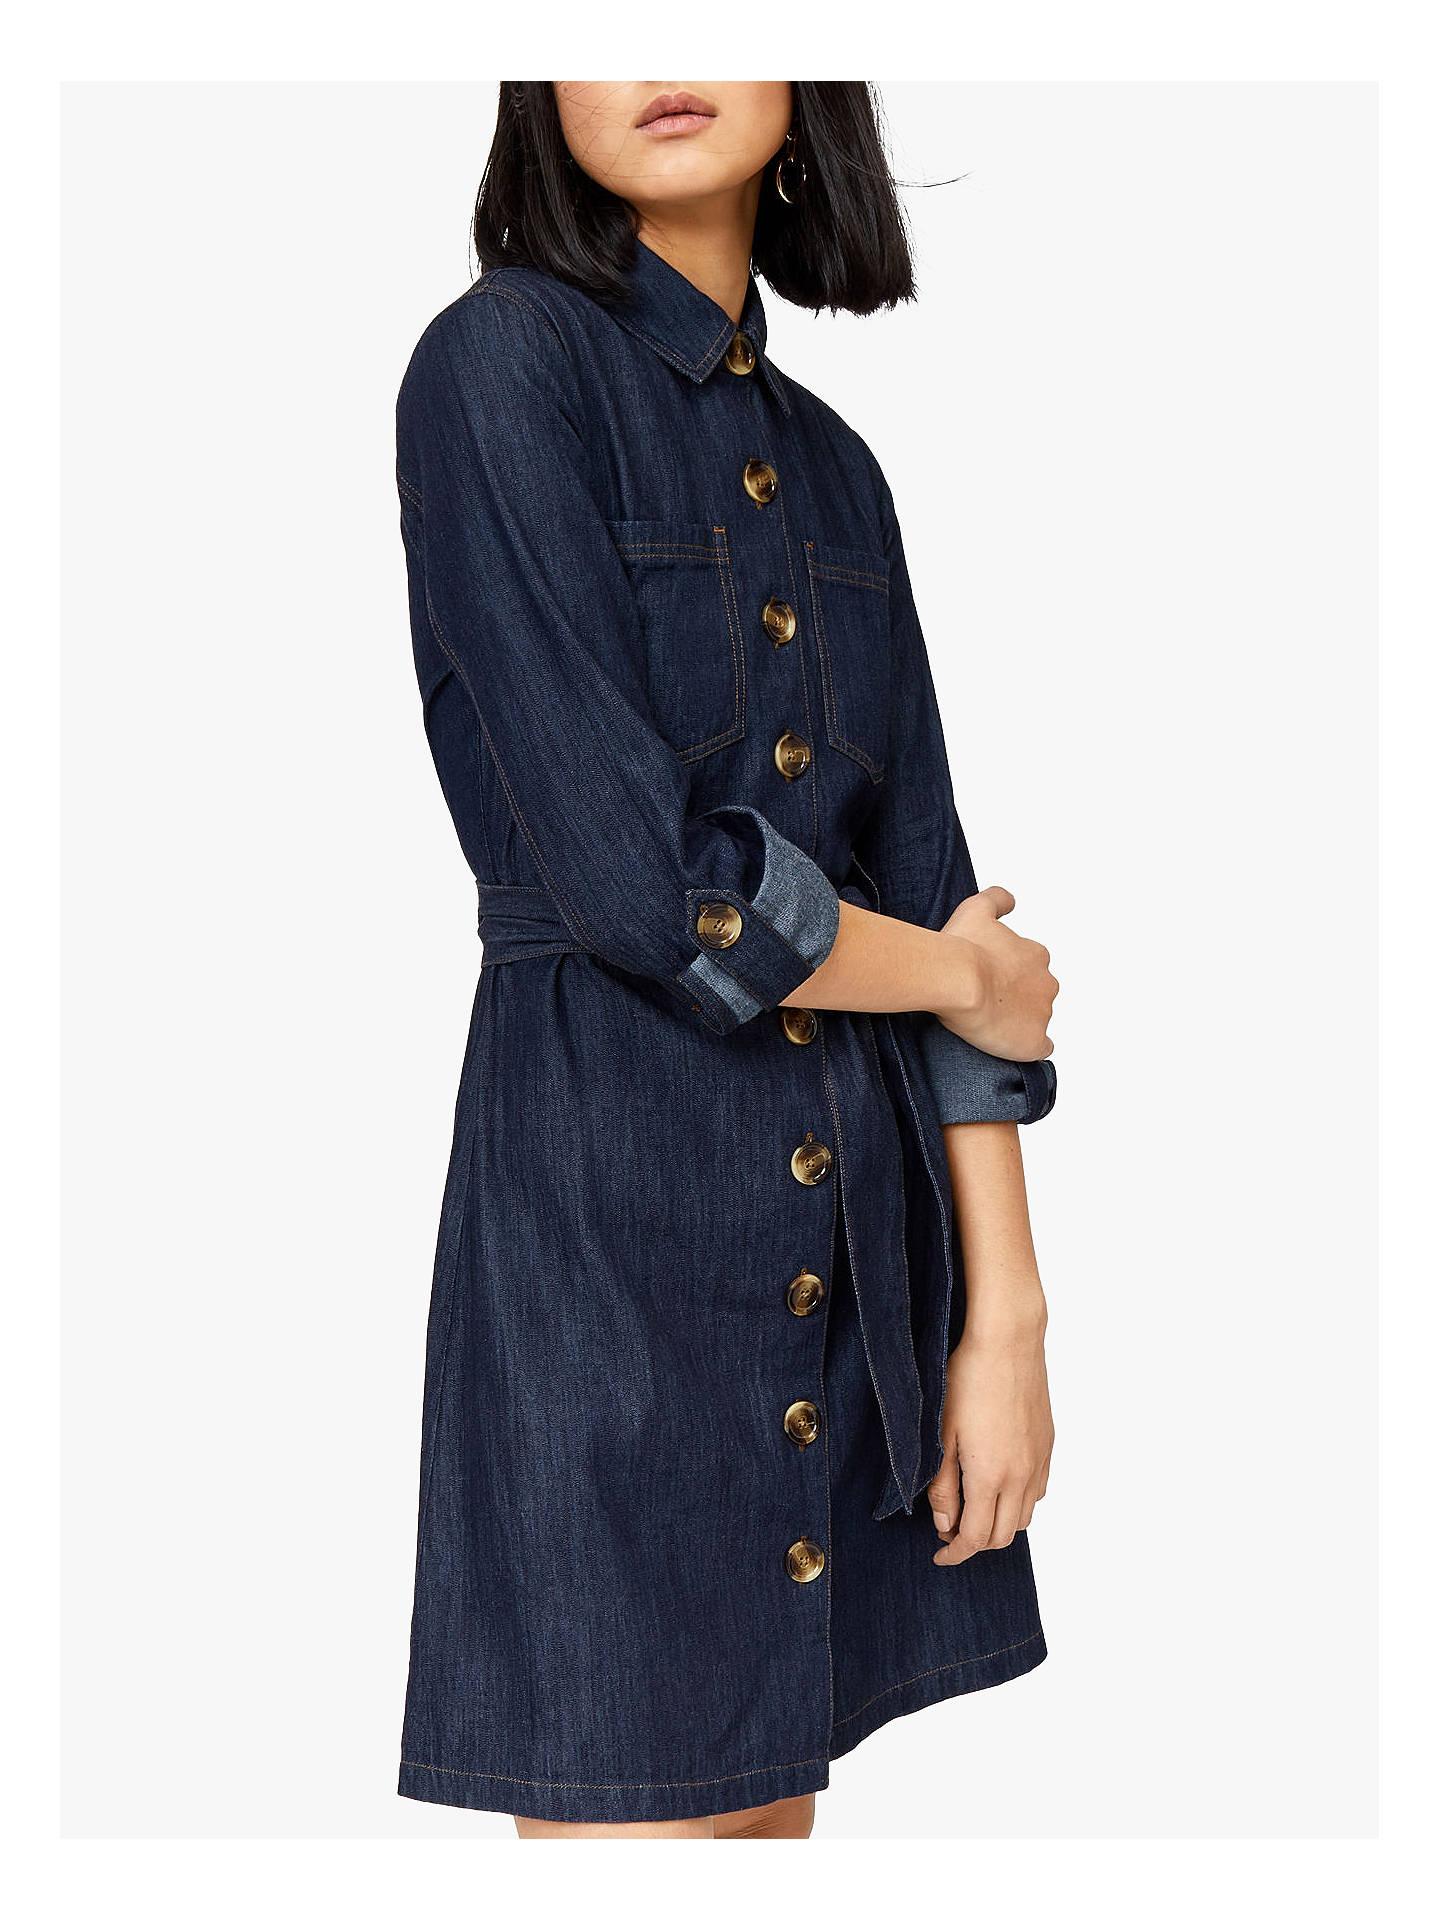 a7292b9668 BuyWarehouse Belted Denim Shirt Dress